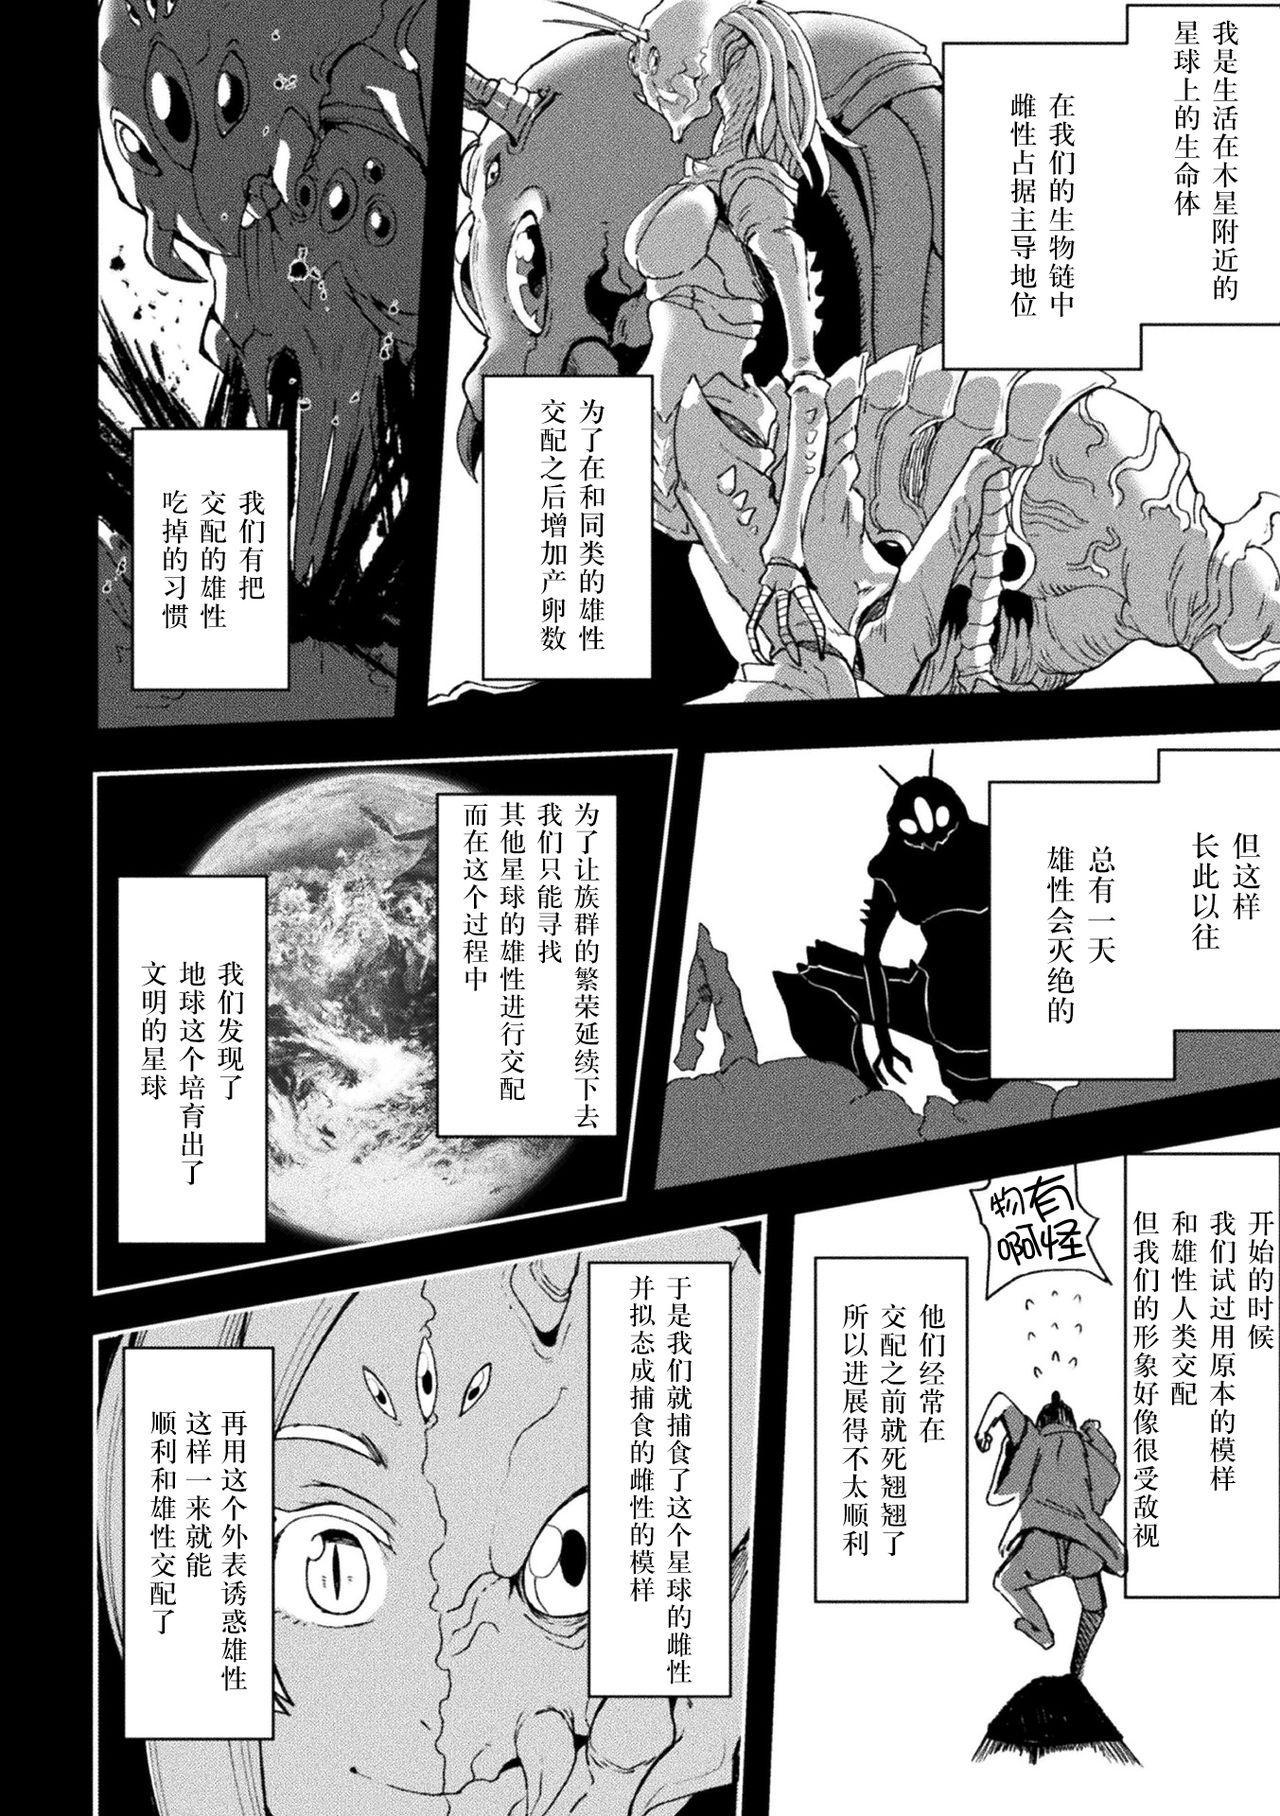 Ozomashiki Akogare no Sonzai 13